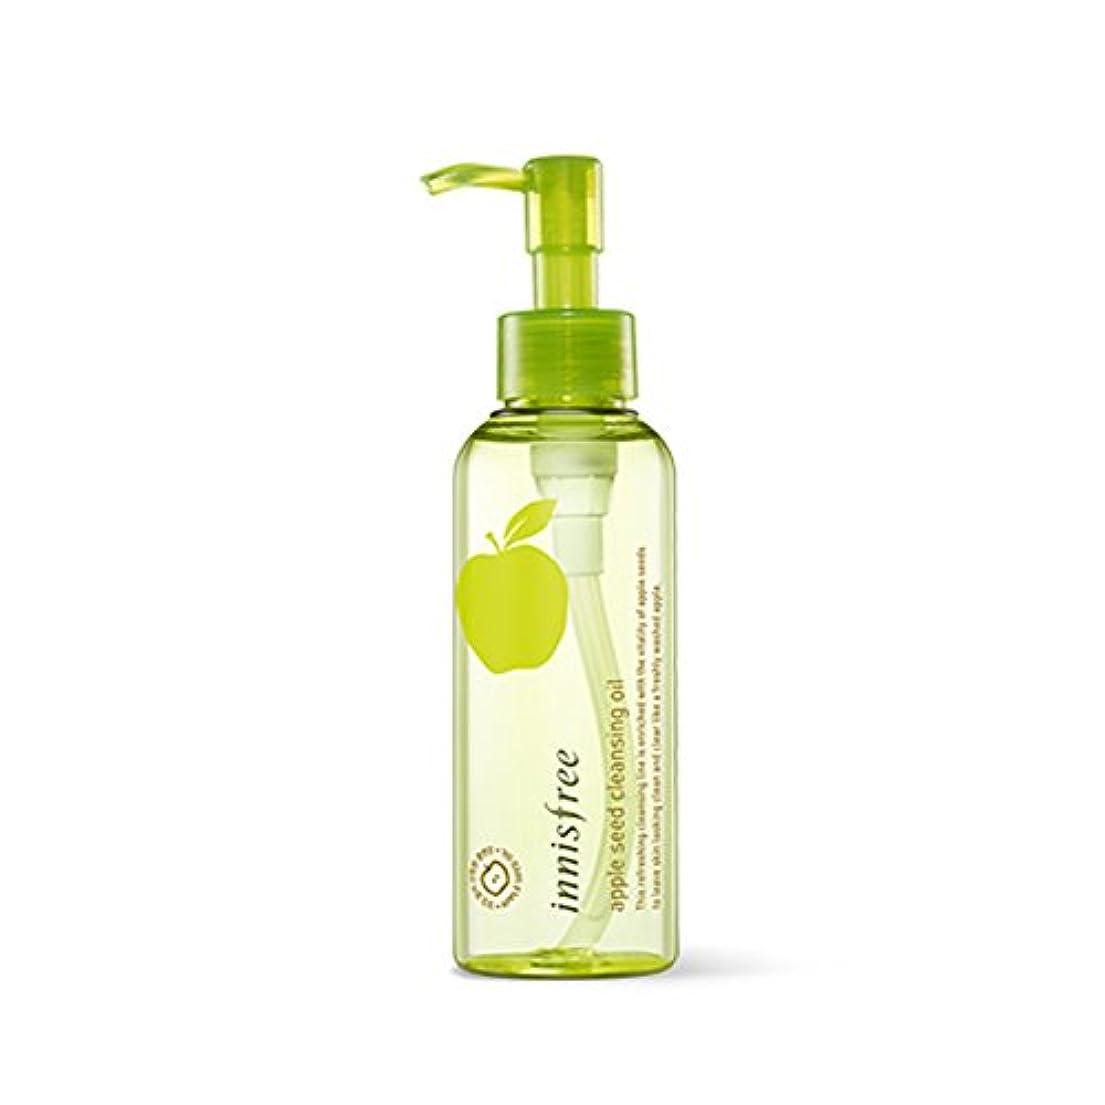 運営教え人形イニスフリーアップルシードクレンジングオイル150ml / Innisfree Apple Seed Cleansing Oil 150ml[海外直送品][並行輸入品]